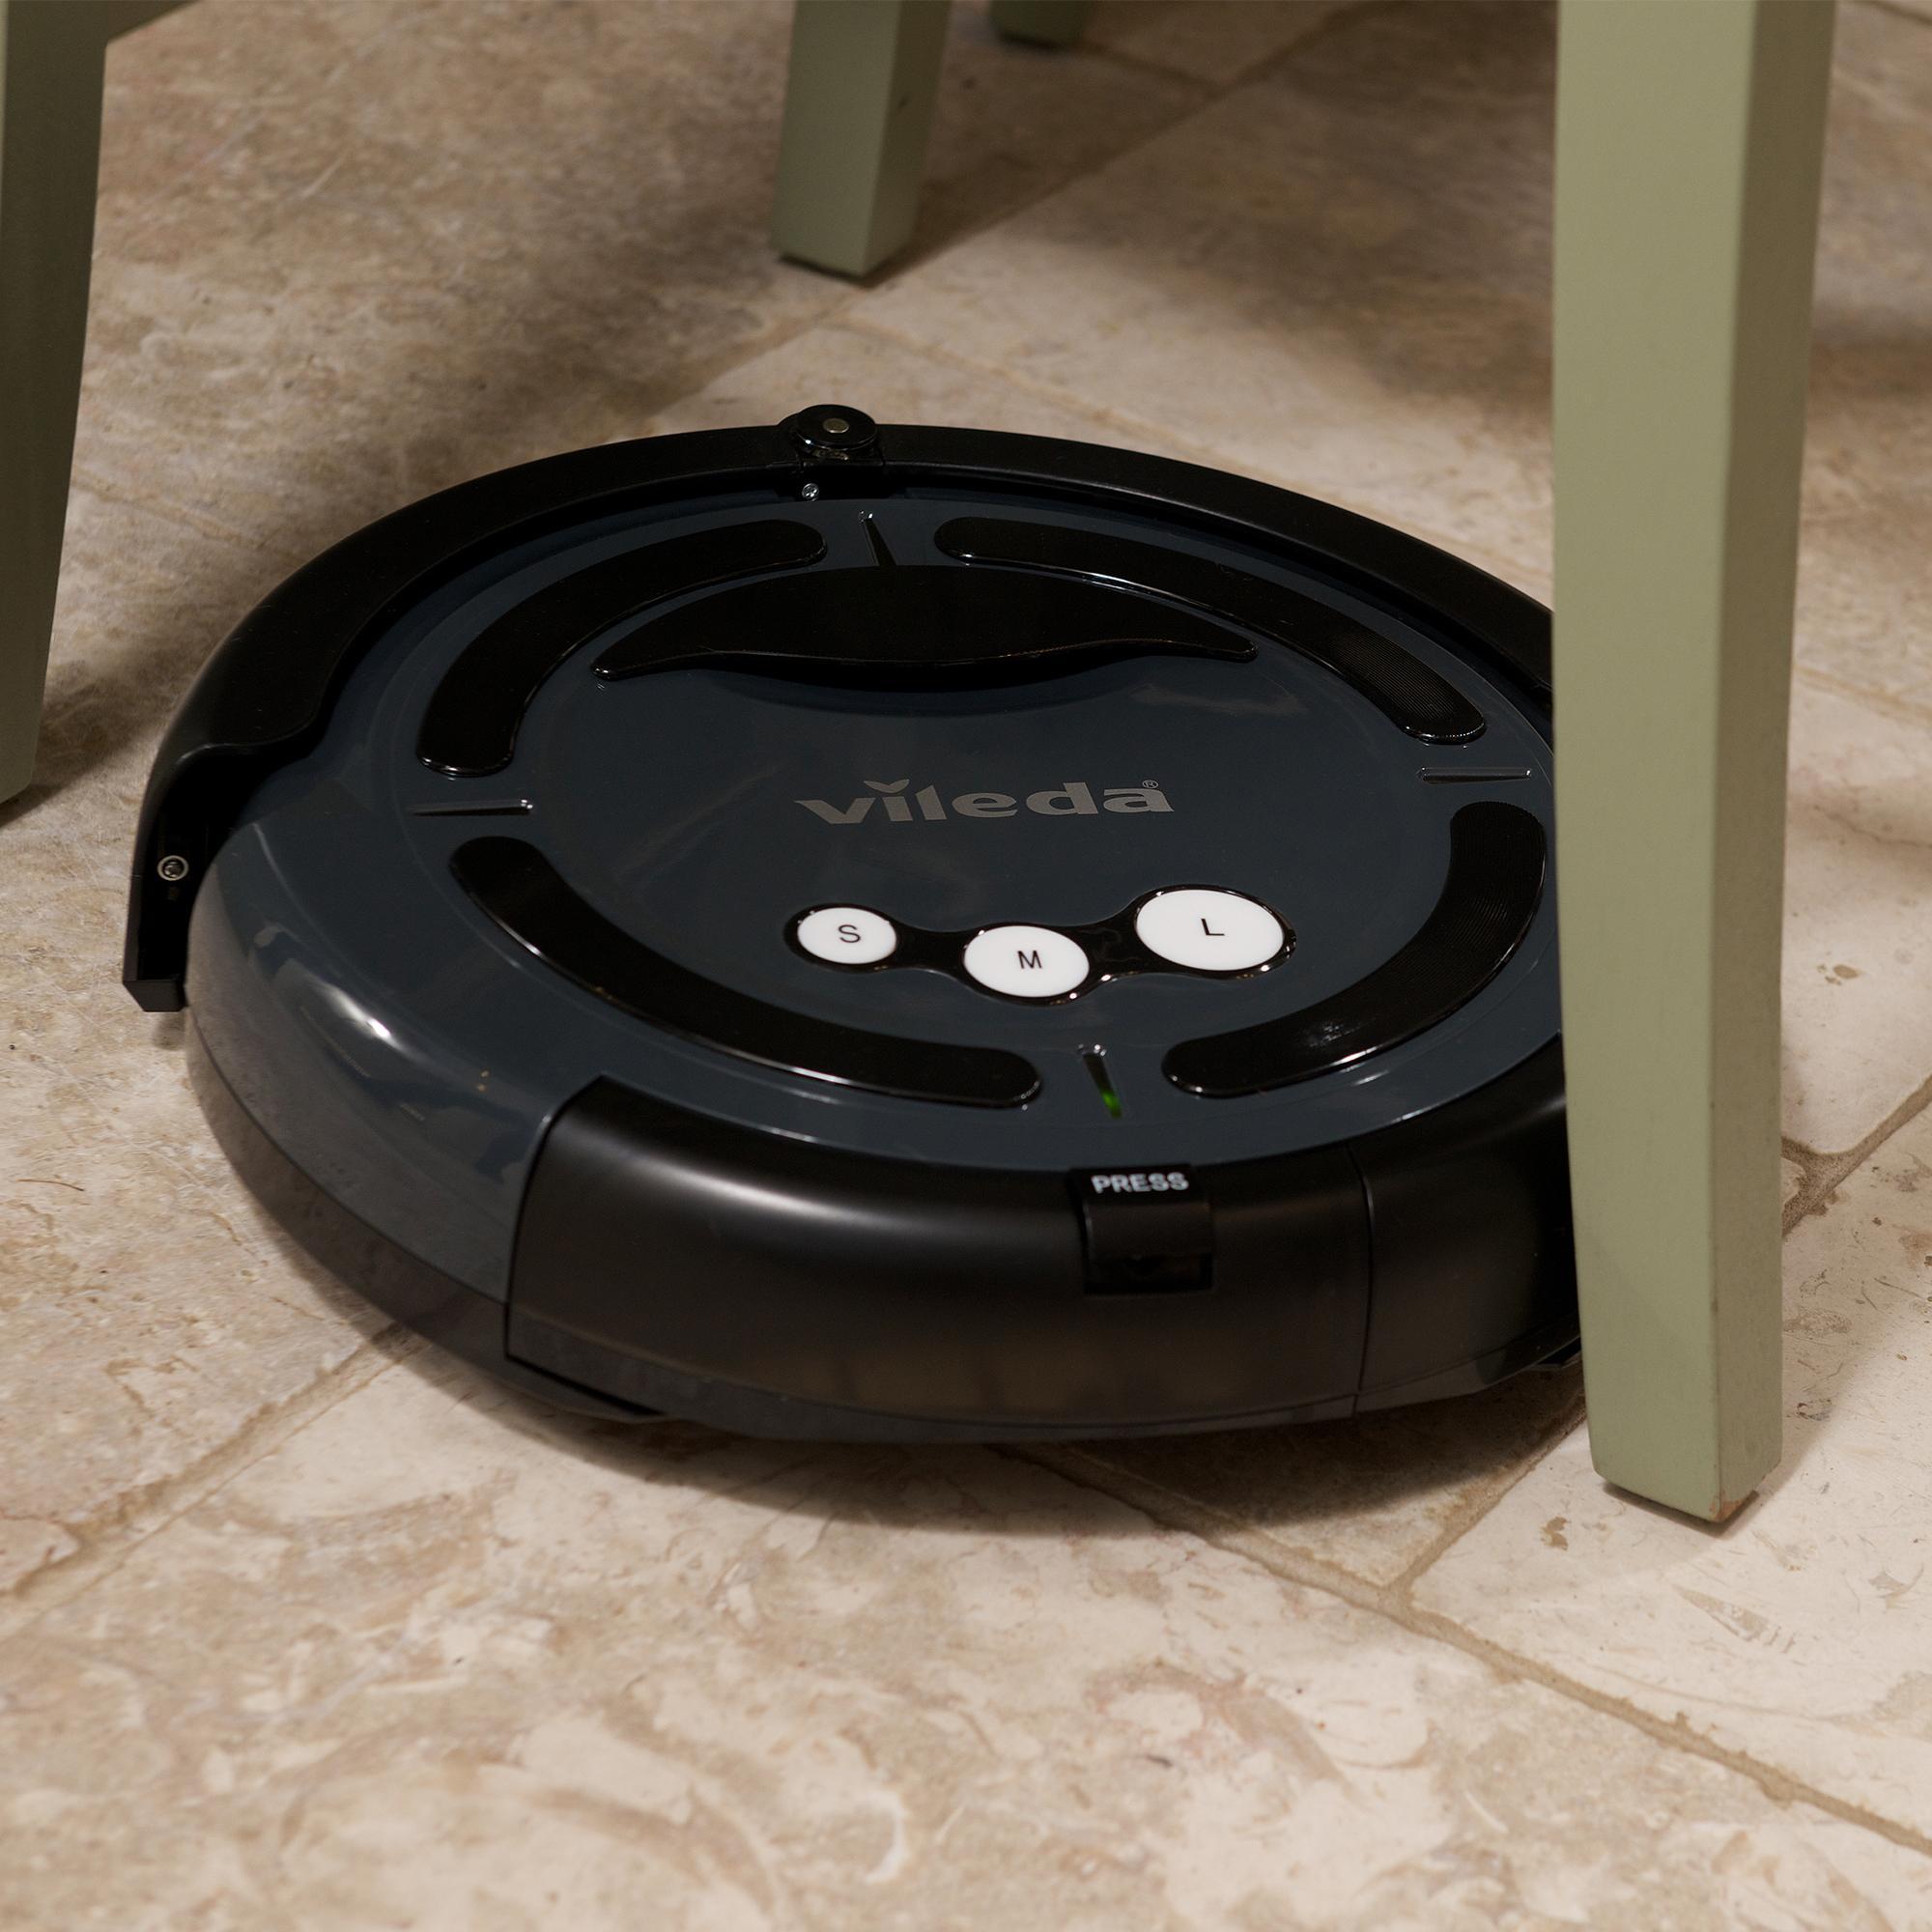 vileda cleaning robotic vacuum cleaner uk version. Black Bedroom Furniture Sets. Home Design Ideas